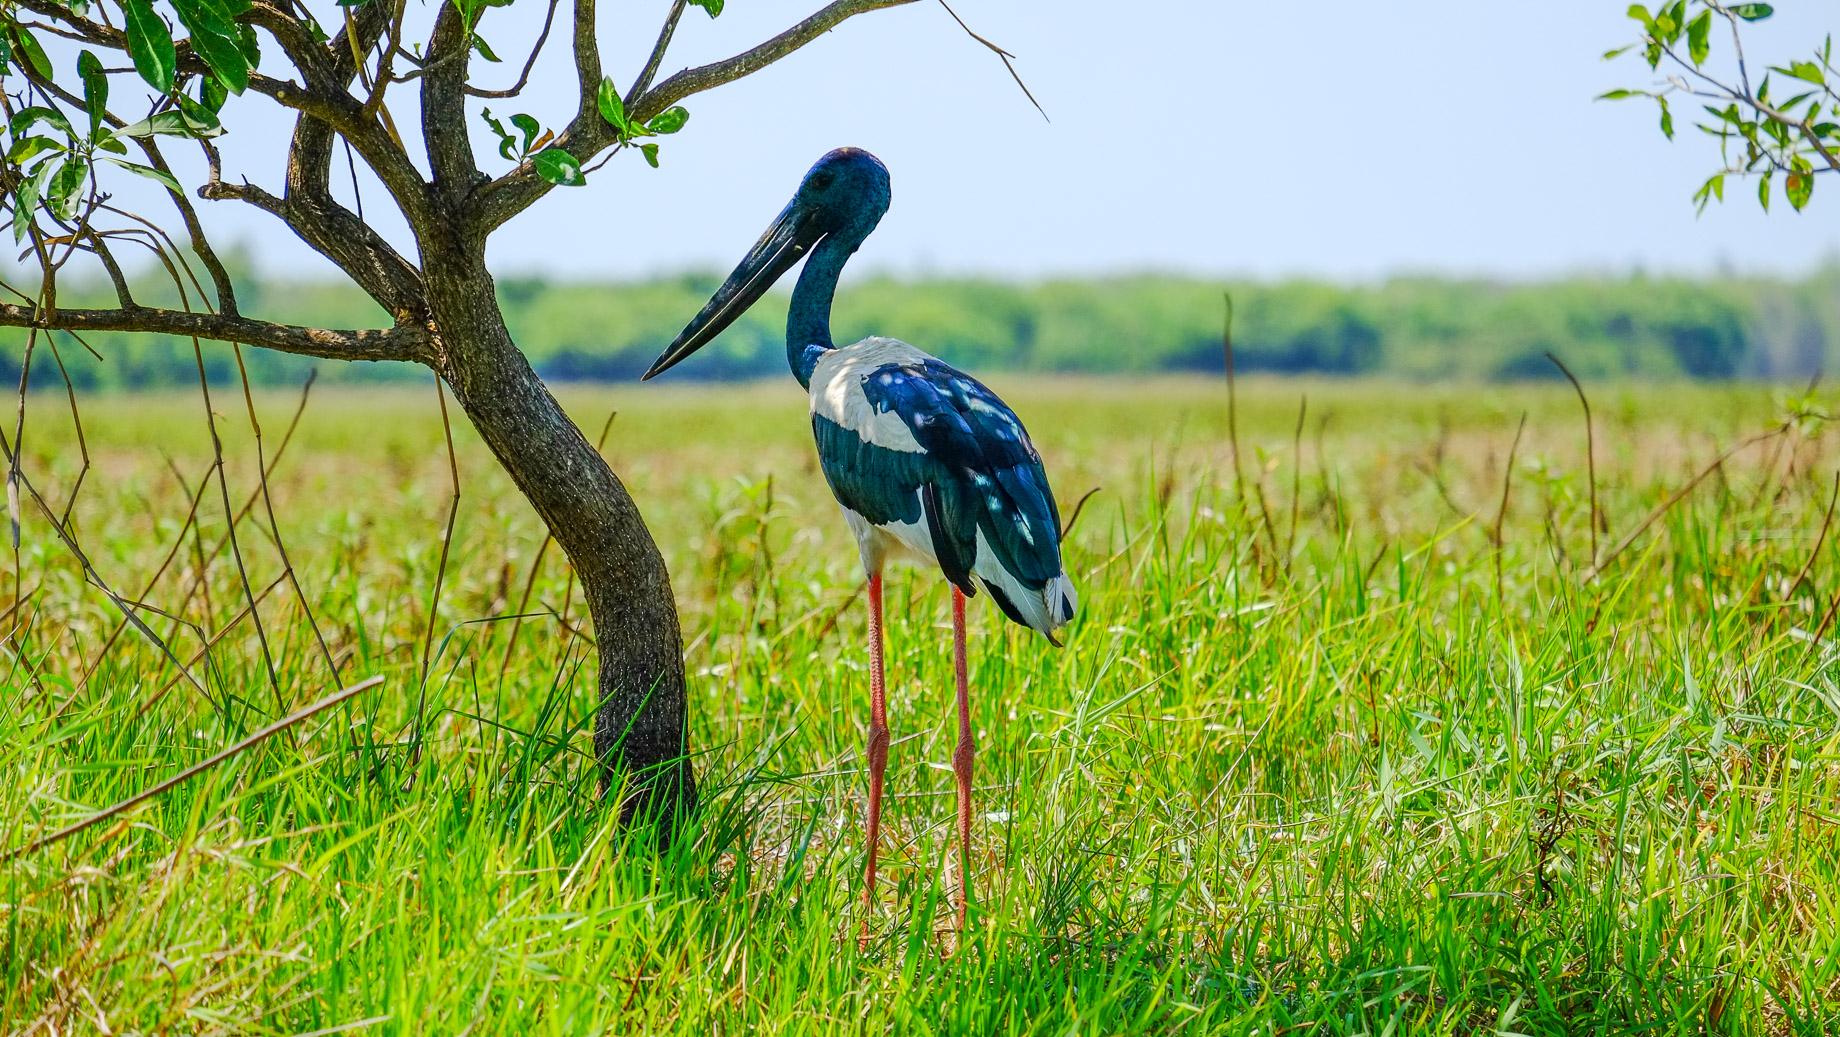 Dieser ruhige Vertreter wiederum gehört laut Guide zu den eher seltenen Arten.